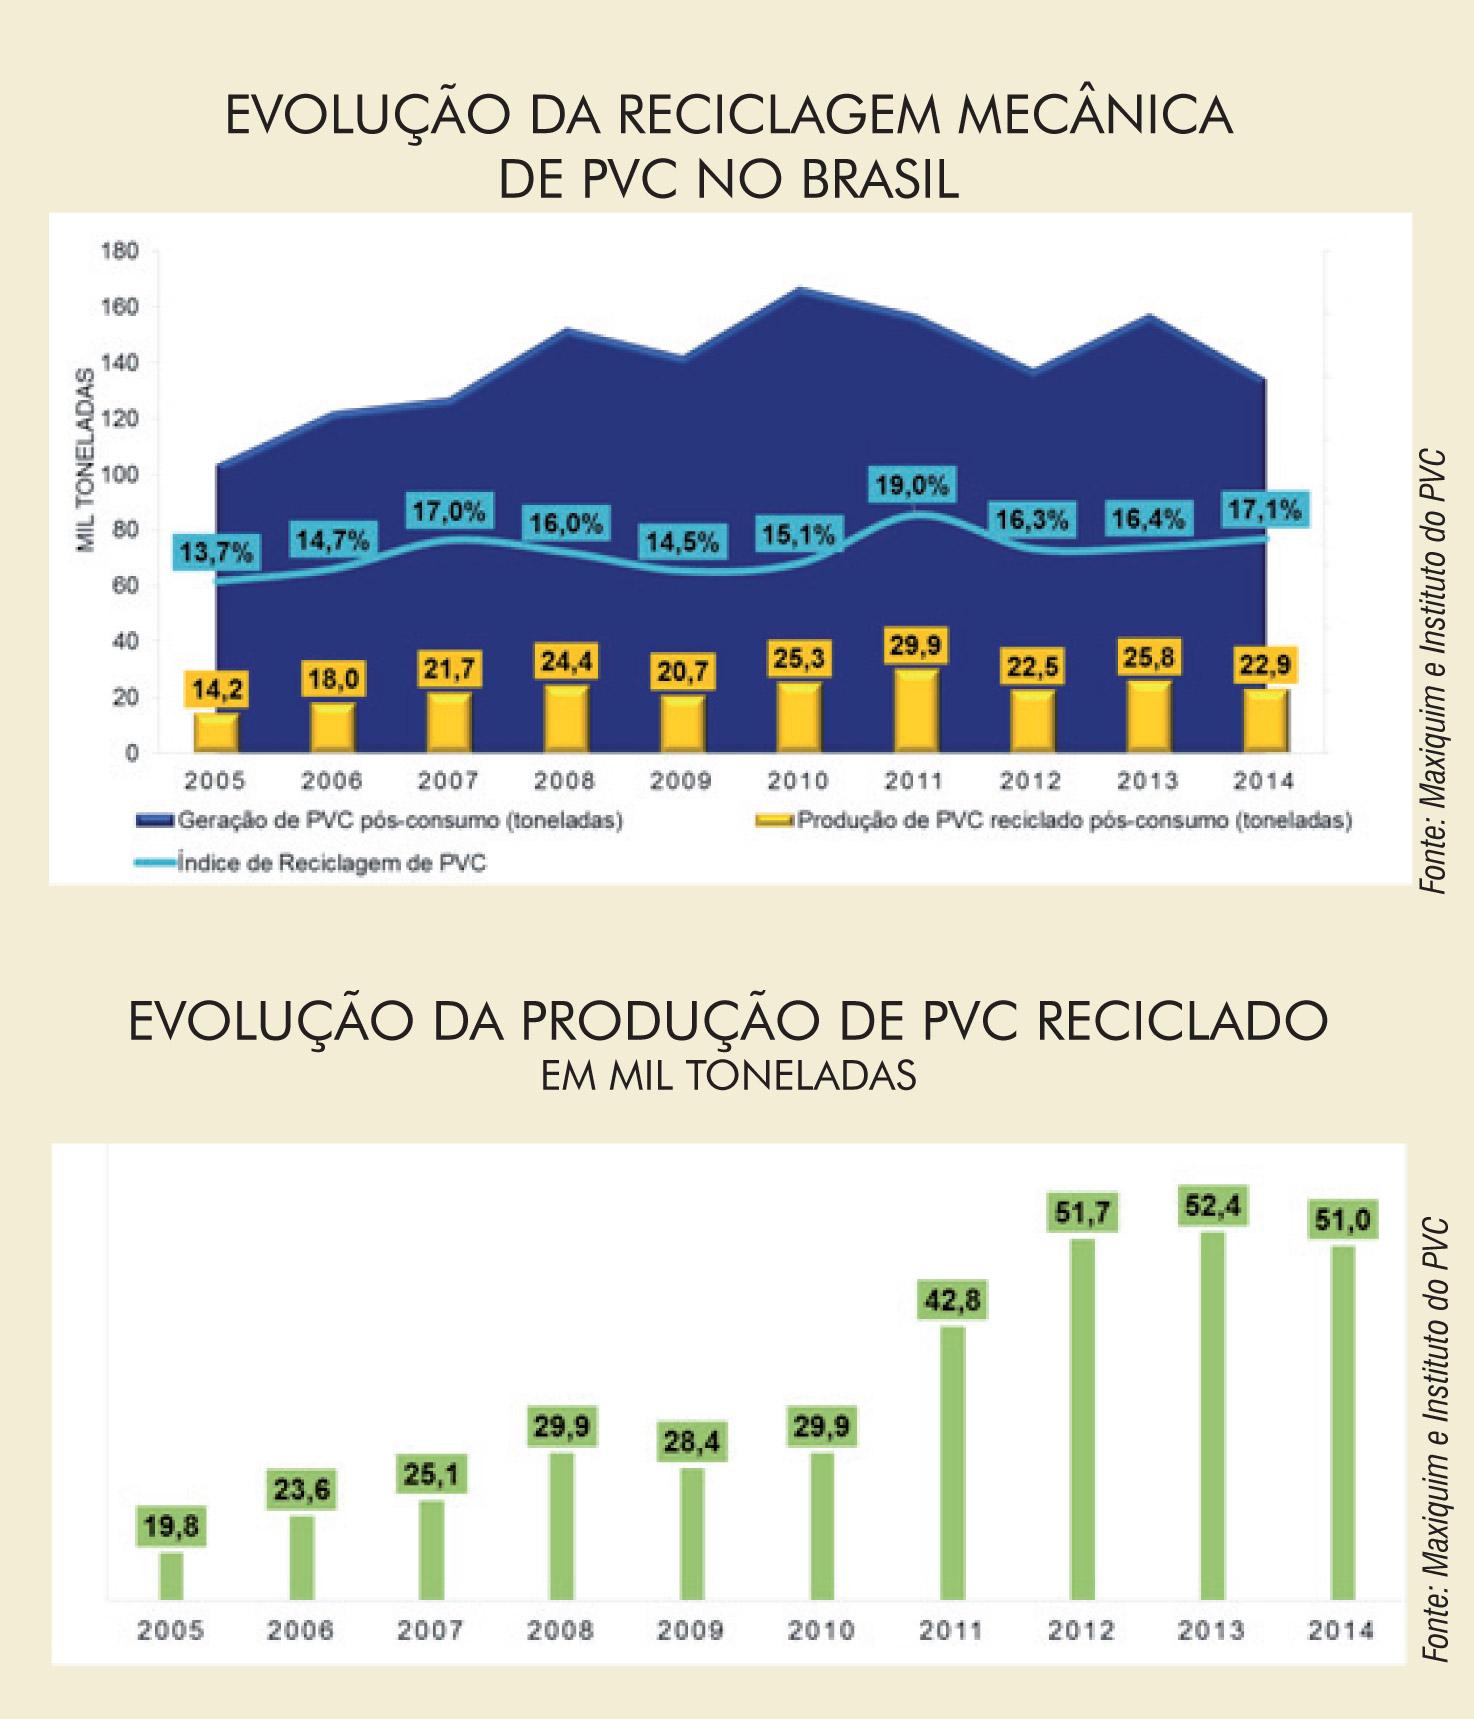 Plástico Moderno, Notícias: Reciclagem de PVC segue elevada